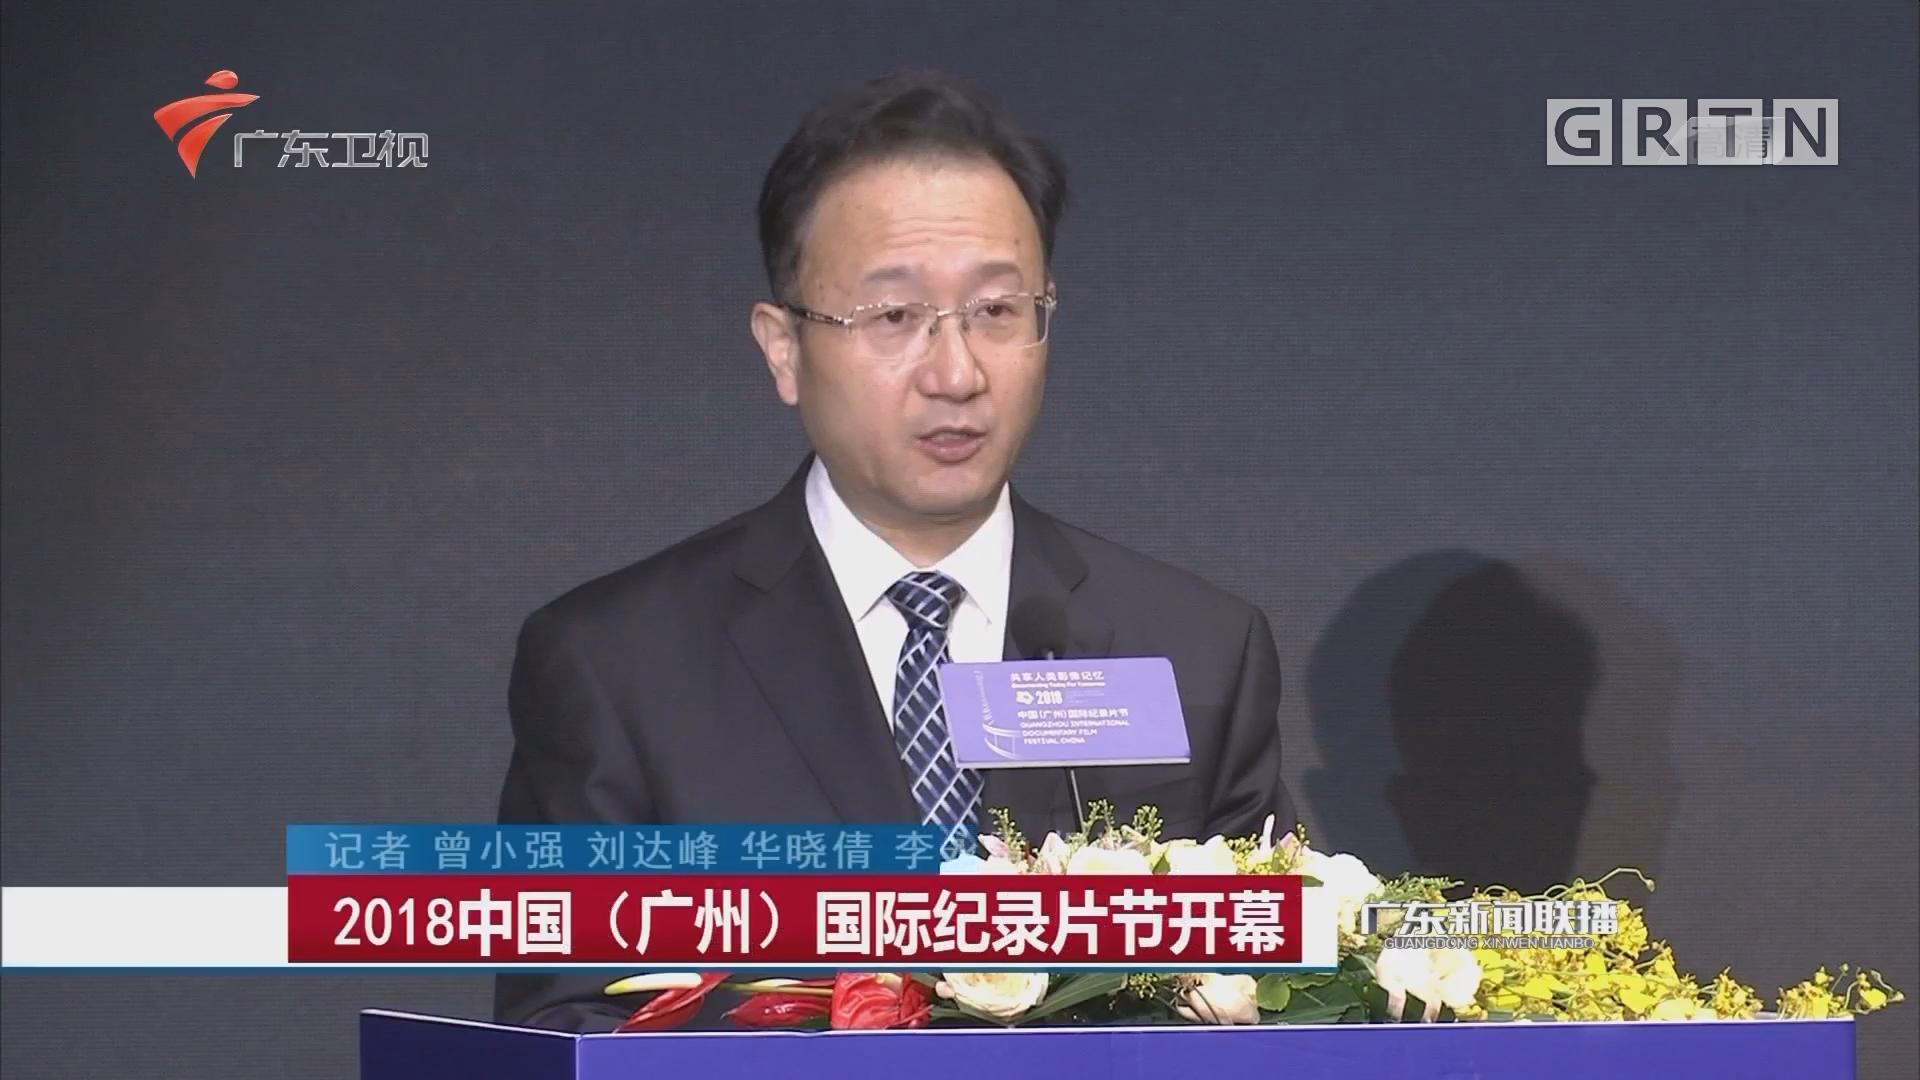 2018中国(广州)国际纪录片节开幕